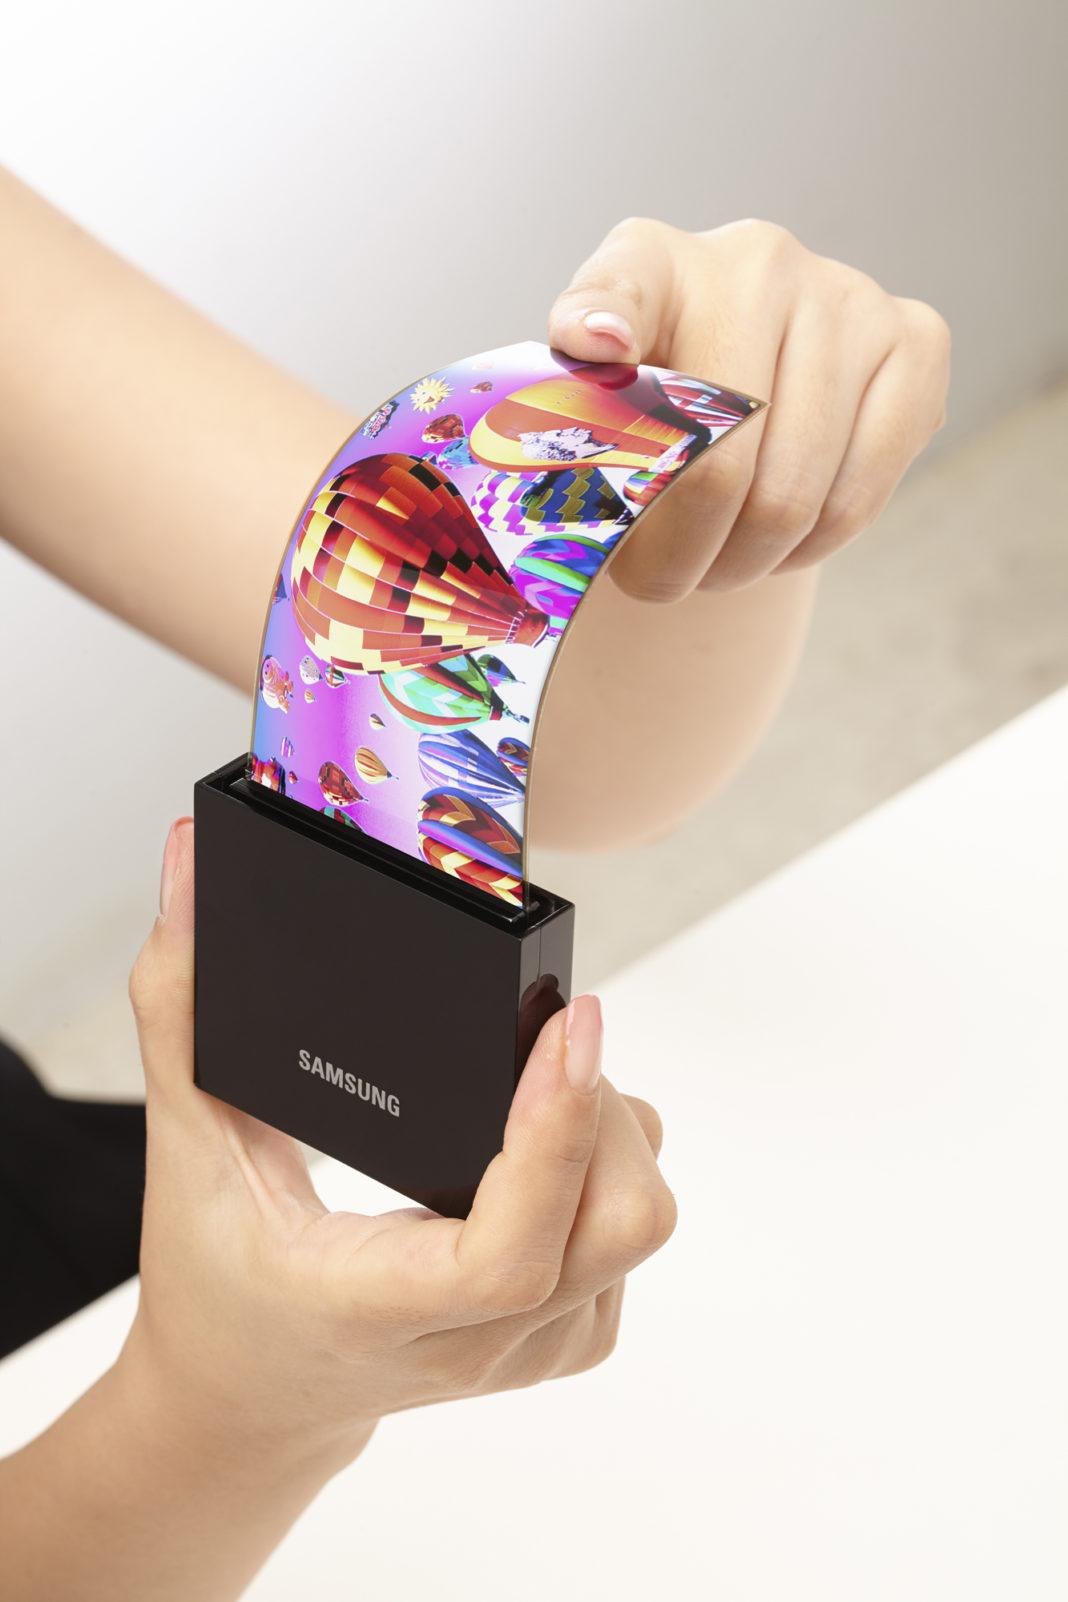 samsung samrtphone bended display